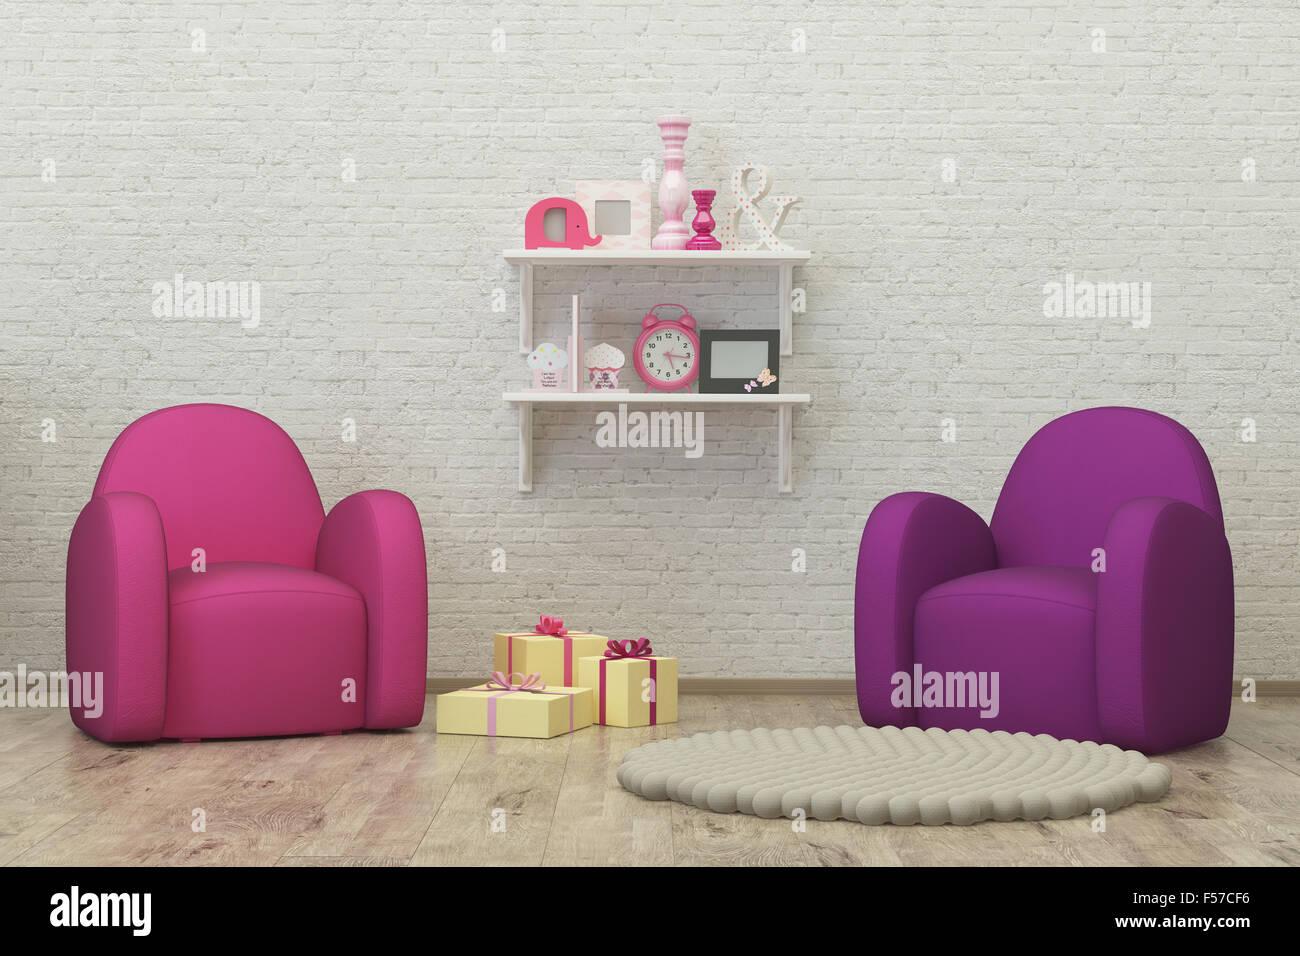 Chambre d'enfant intérieur, l'image de rendu 3D, pouf, présente Photo Stock